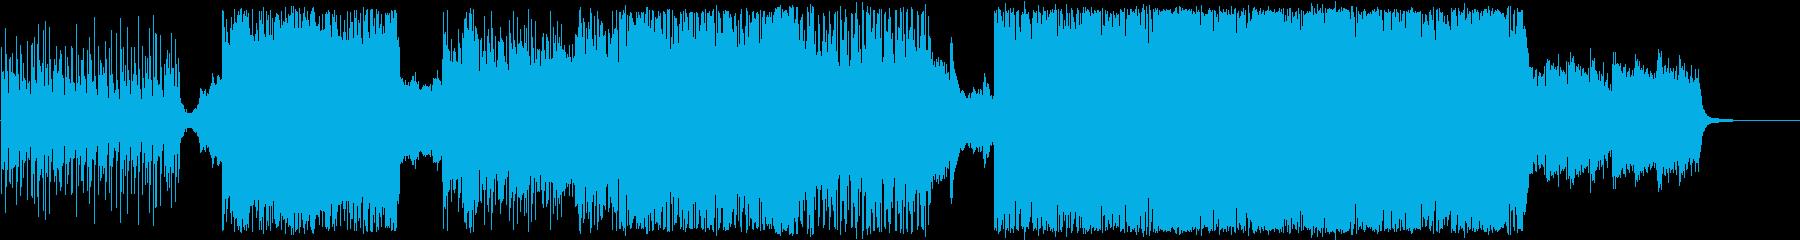 ドキュメンタリー/テクスチャーの再生済みの波形